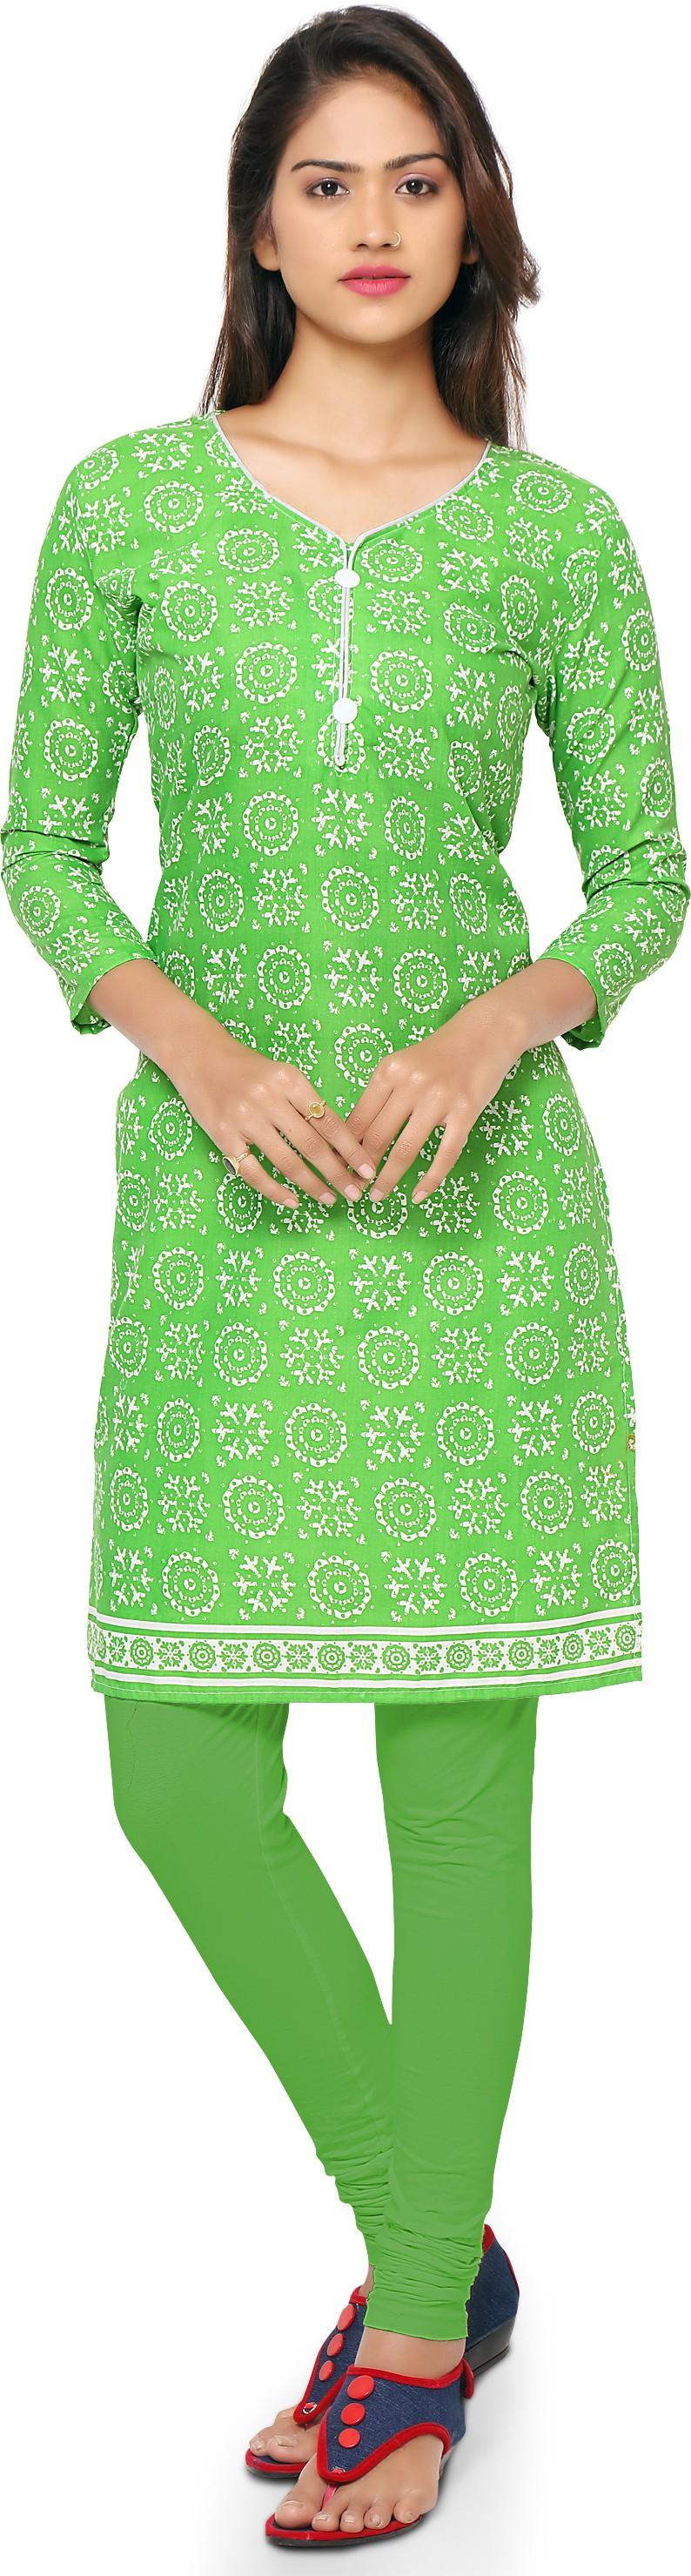 Deals - Gwalior - Designer Kurtis <br> Occeanus and Thankar<br> Category - clothing<br> Business - Flipkart.com